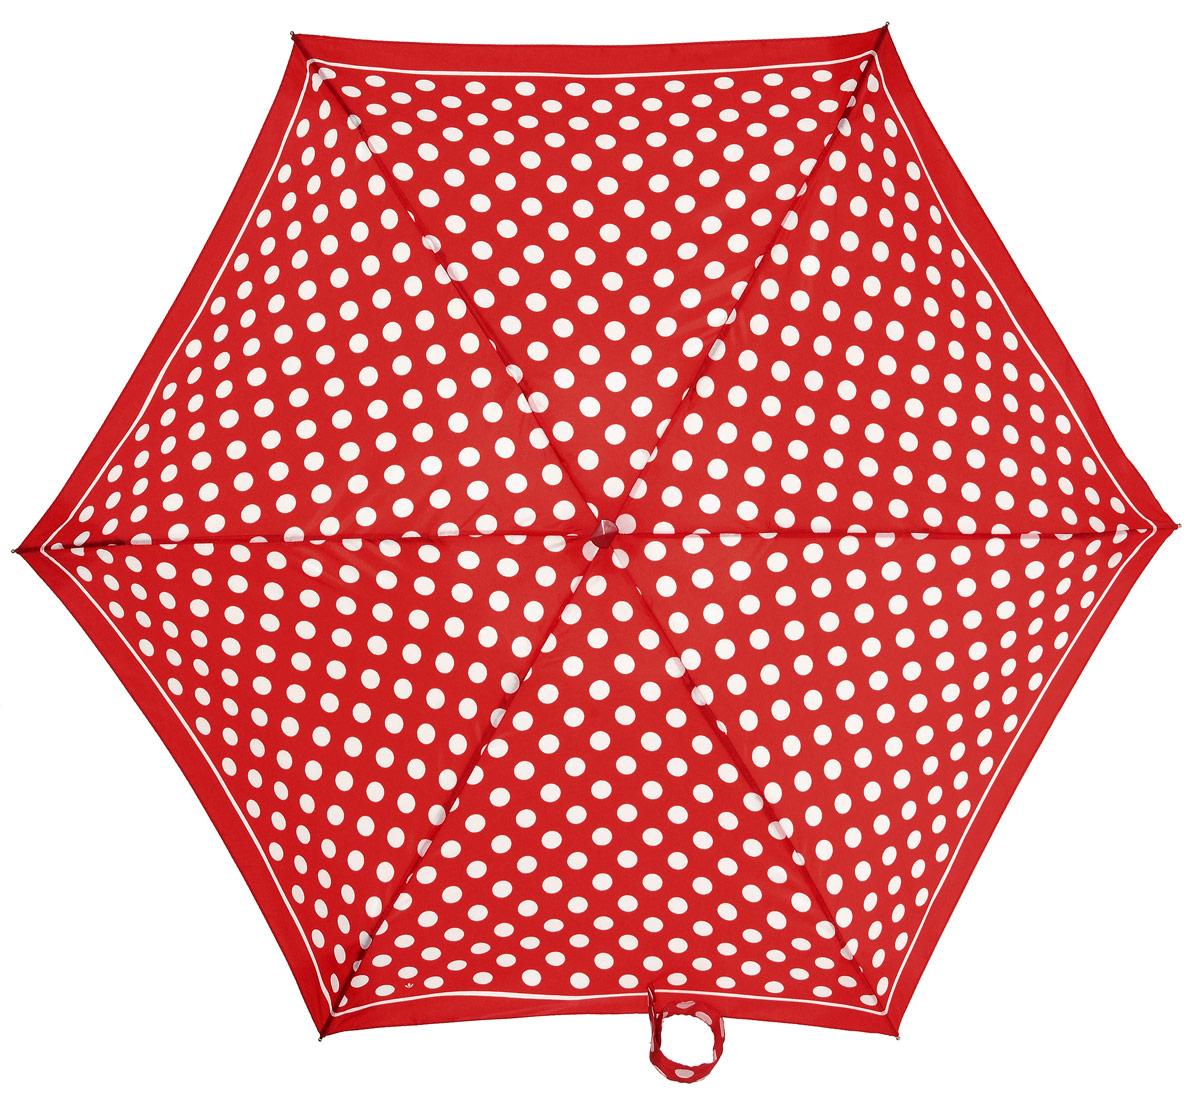 Зонт женский механика Fulton, расцветка: красный горох. L501-2237 RedSpotL501-2237 RedSpotПрочный, необыкновенно компактный зонт, который с легкостью поместится в маленькую сумочку. Удобный плоский чехол. Облегченный алюминиевый каркас с элементами из фибергласса. Ветроустойчивая конструкция. Размеры зонта в сложенном виде 15смх6смх3см, диаметр купола 87 см.